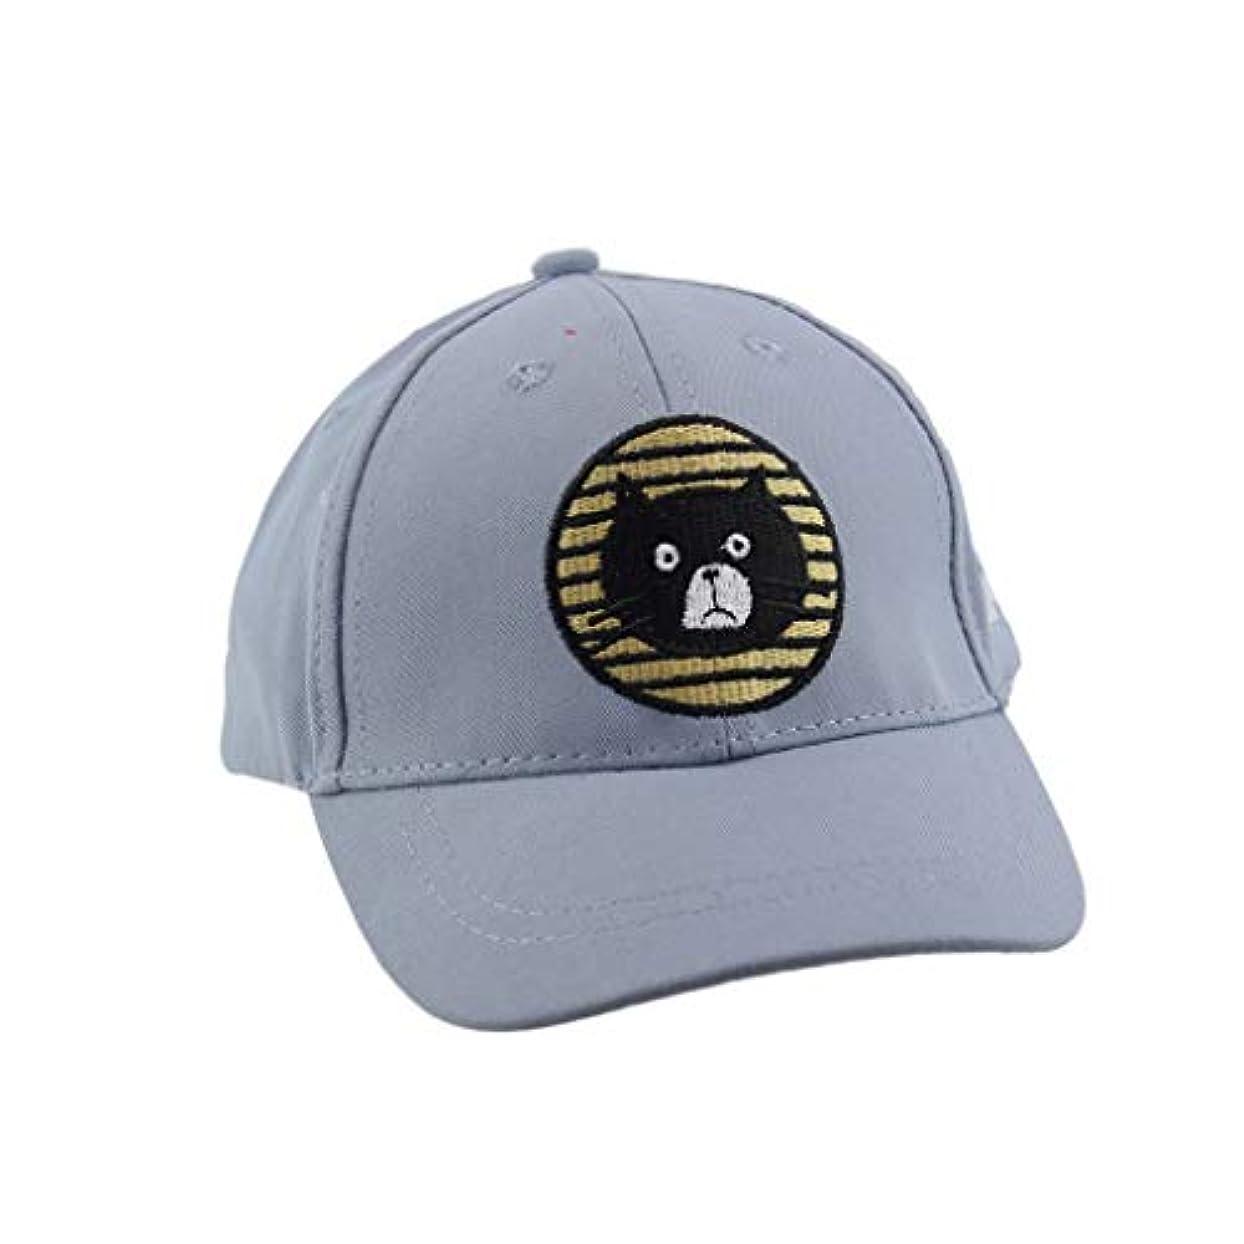 補うを必要としていますヘッドレスKaiweini 春夏新しい漁夫帽子供しゃれ ベビー帽 通気性抜群 日除け UVカット 紫外線対策スポーツ帽子男女兼用 速乾 軽薄 日よけ野球帽